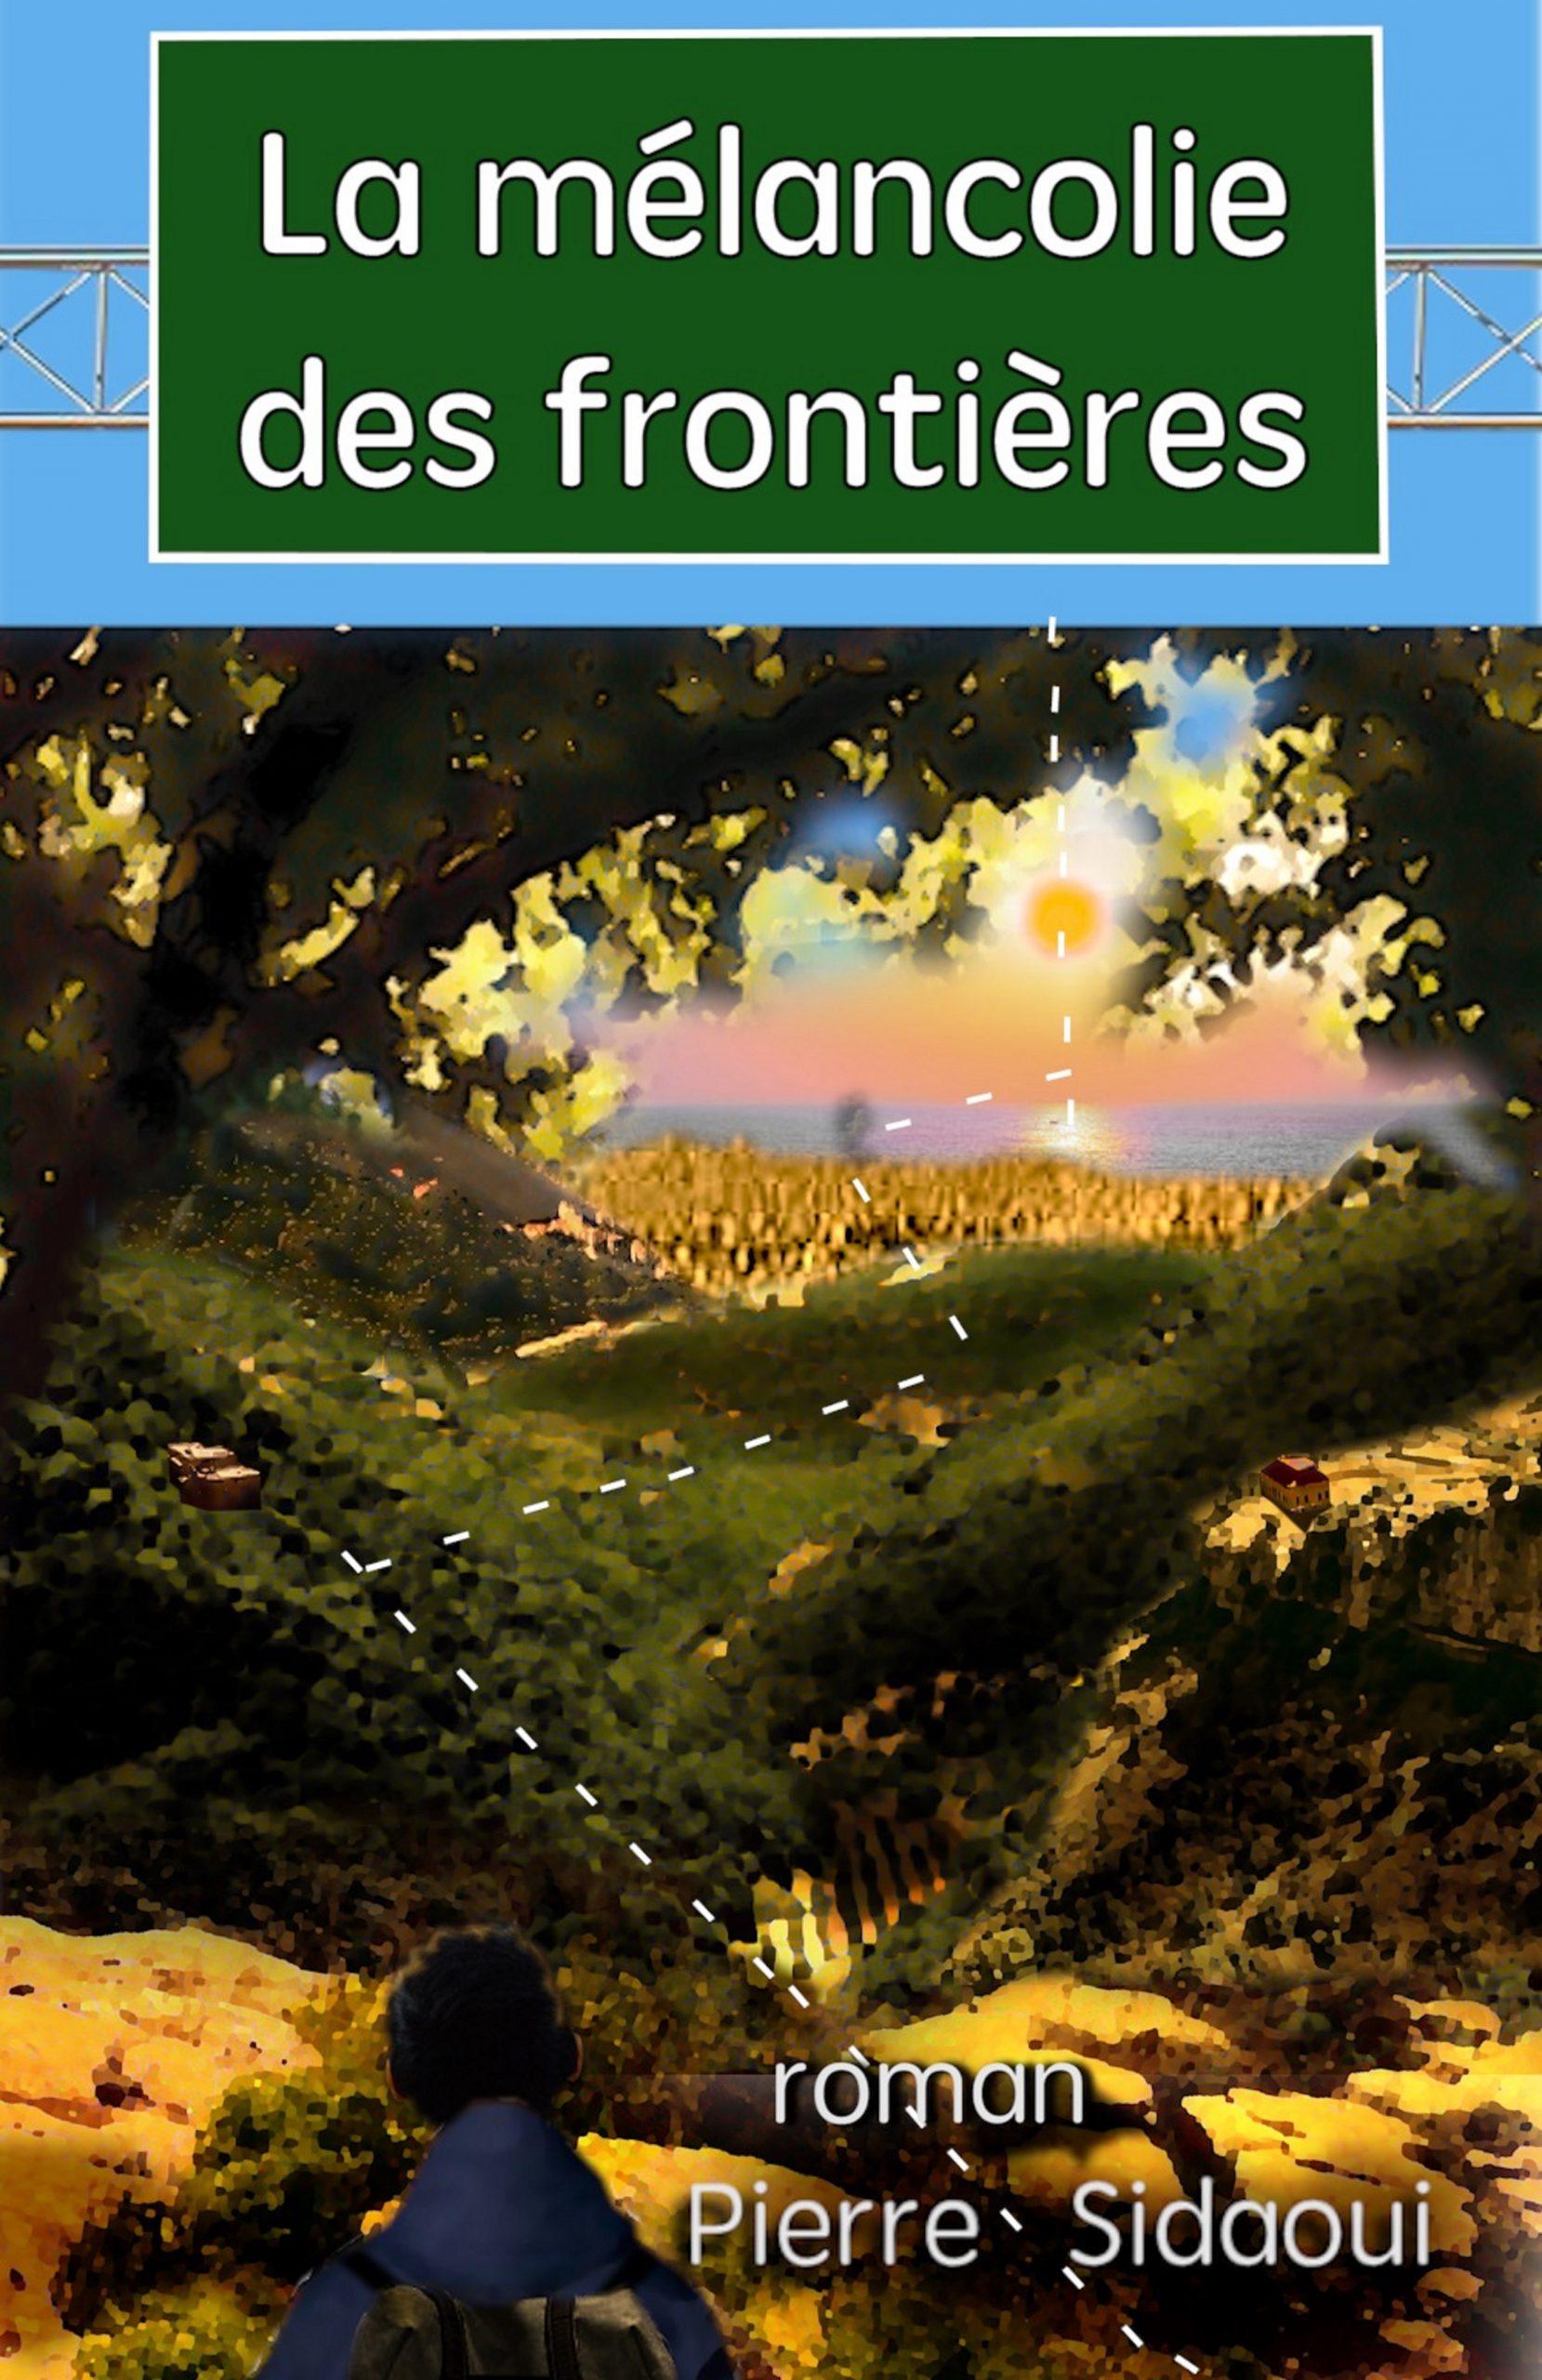 La mélancolie des frontières